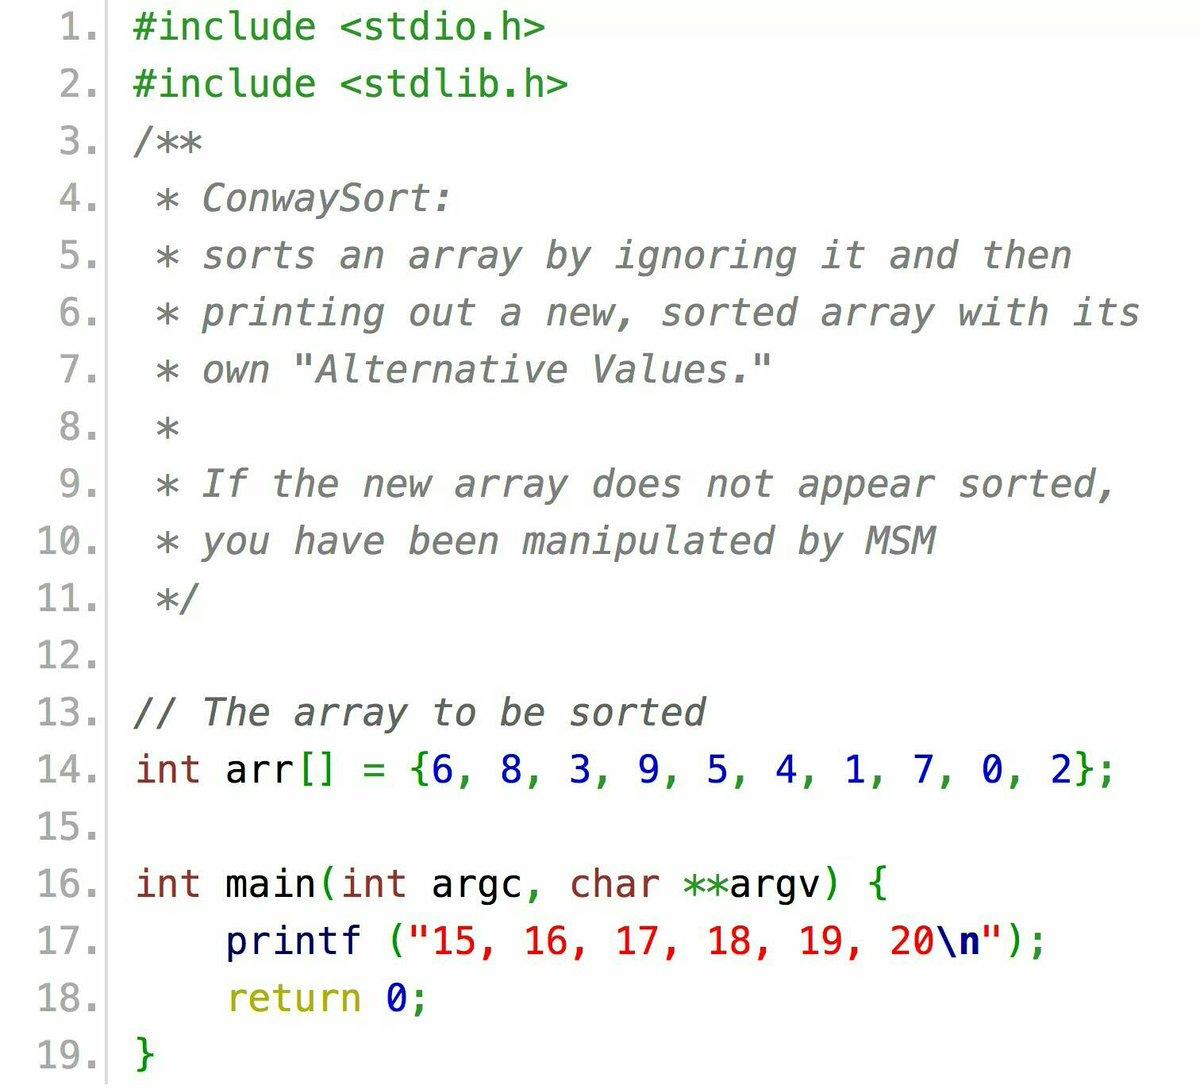 The best sorting algorithm in the world. It's true. https://t.co/DE6jbC4et2